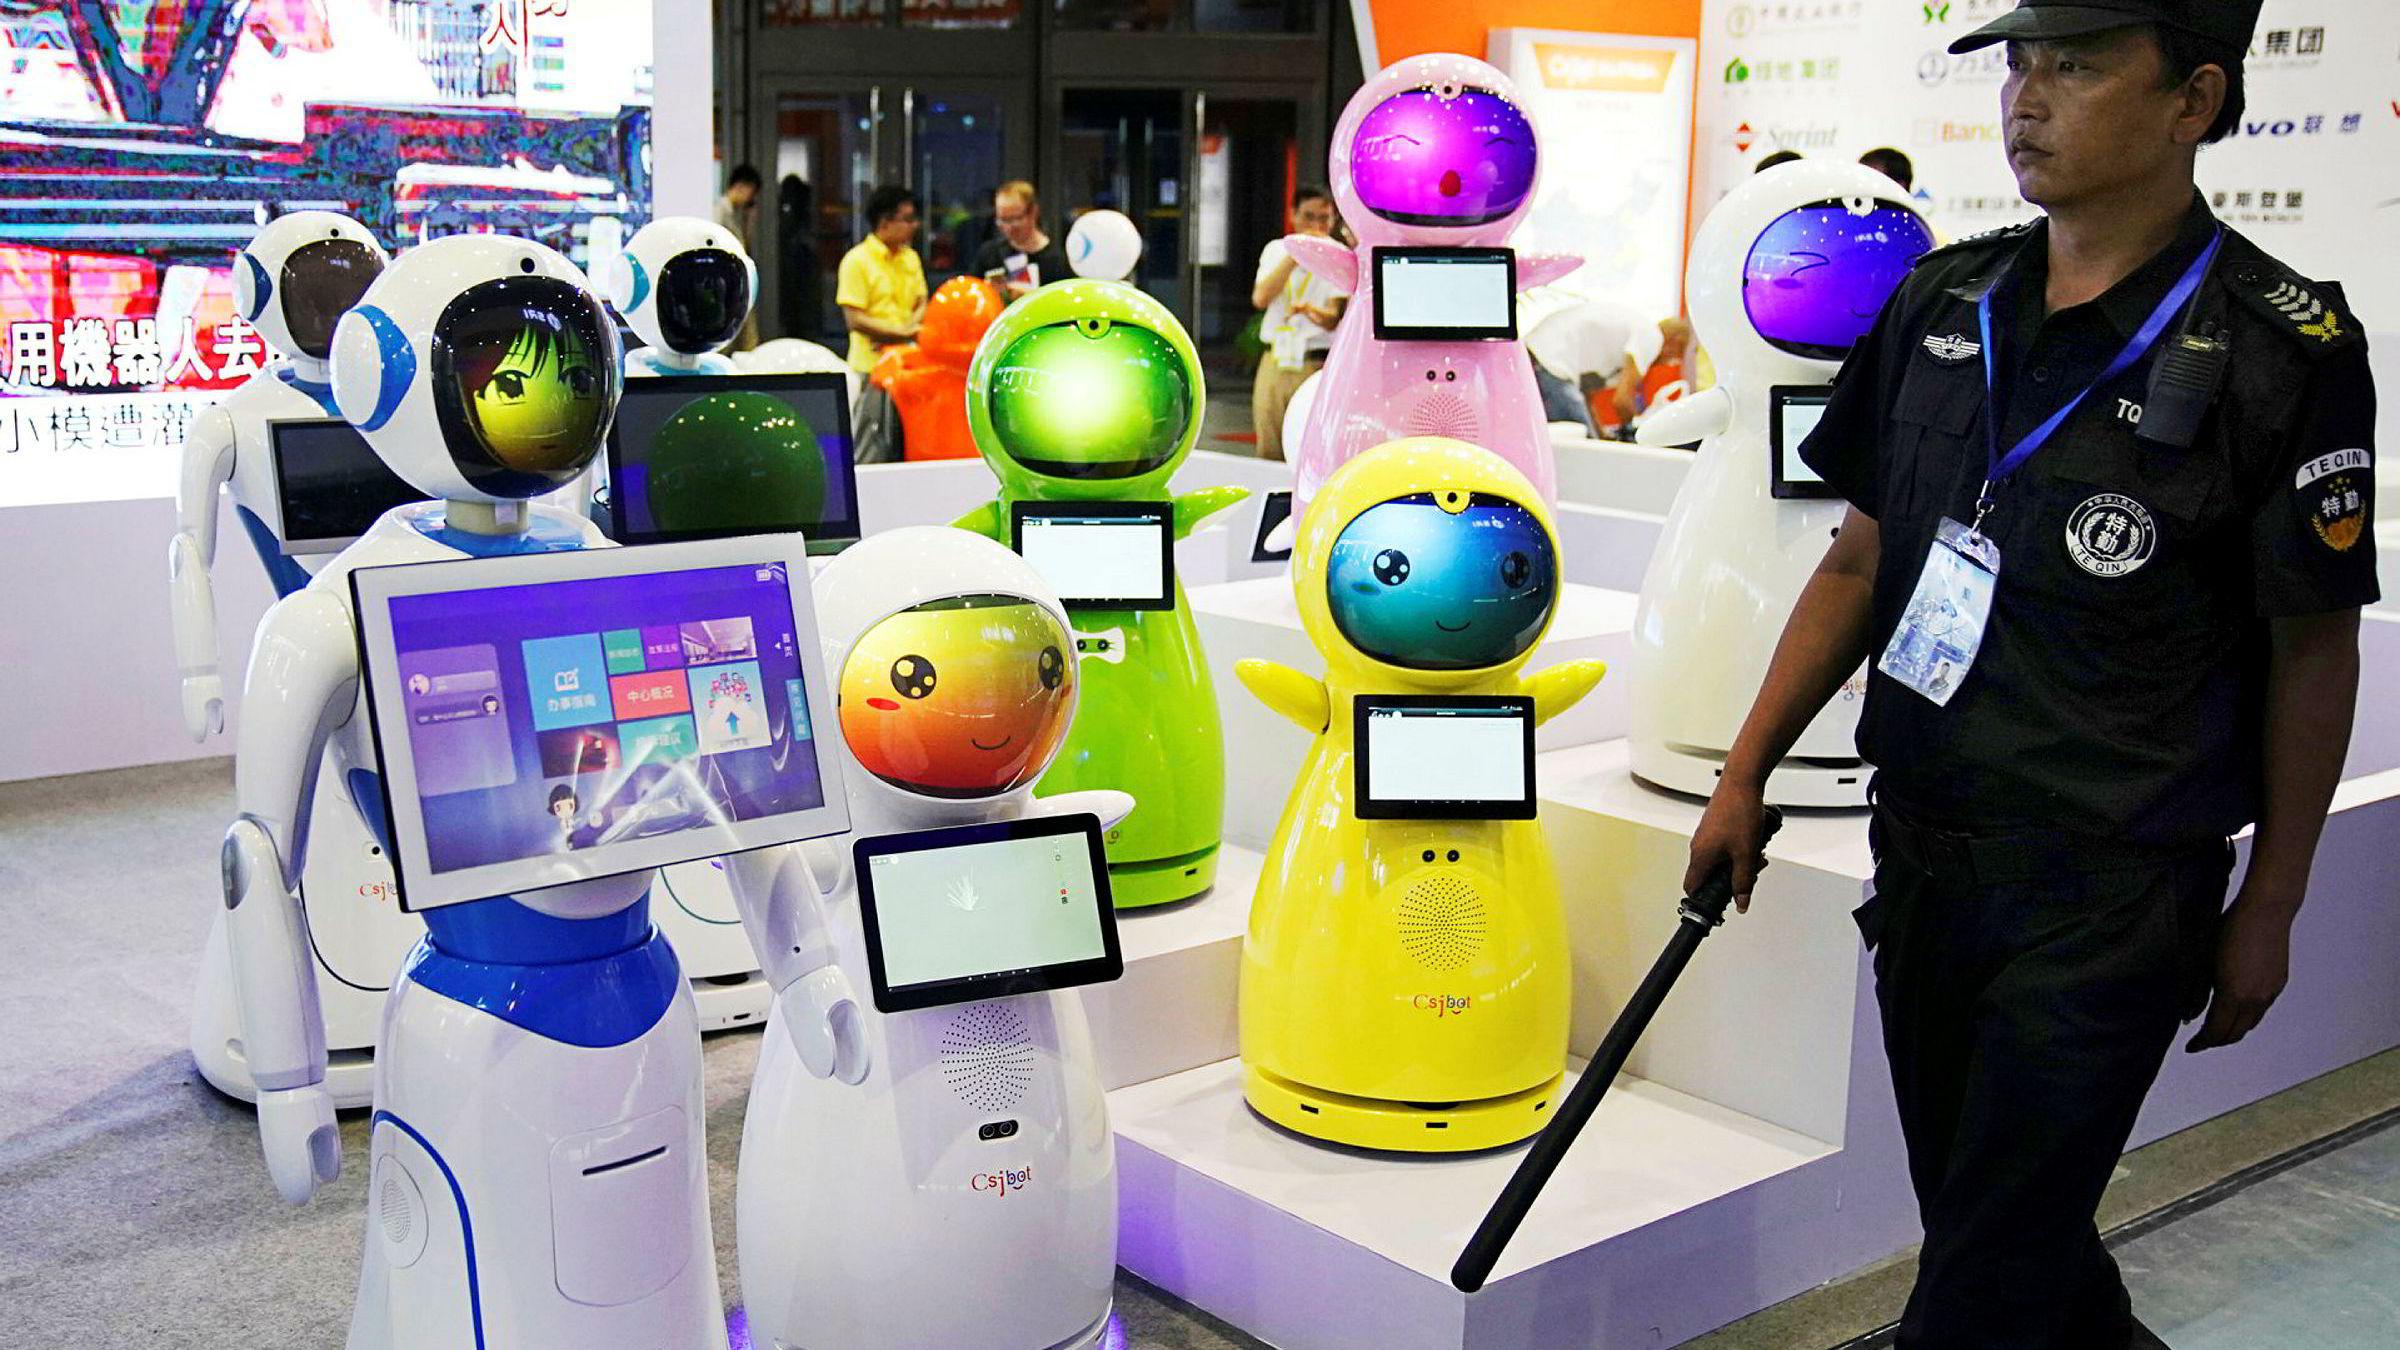 Kina satser for fullt på kunstig intelligens. På bildet passerer en sikkerhetsvakt roboter på China International Robot Show i Shanghai tidligere i juli.